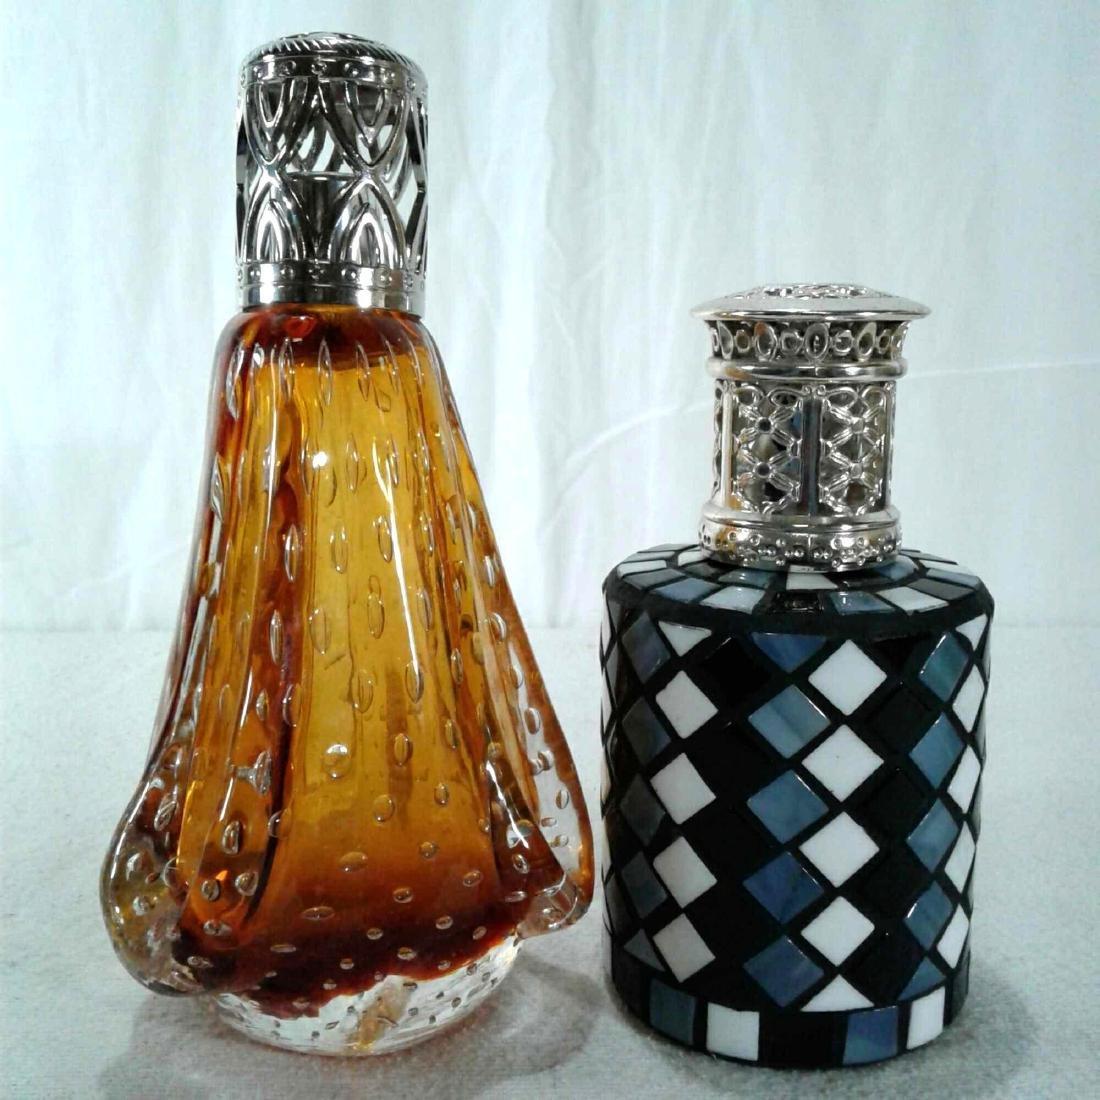 2 Fragrance Oil Lamps